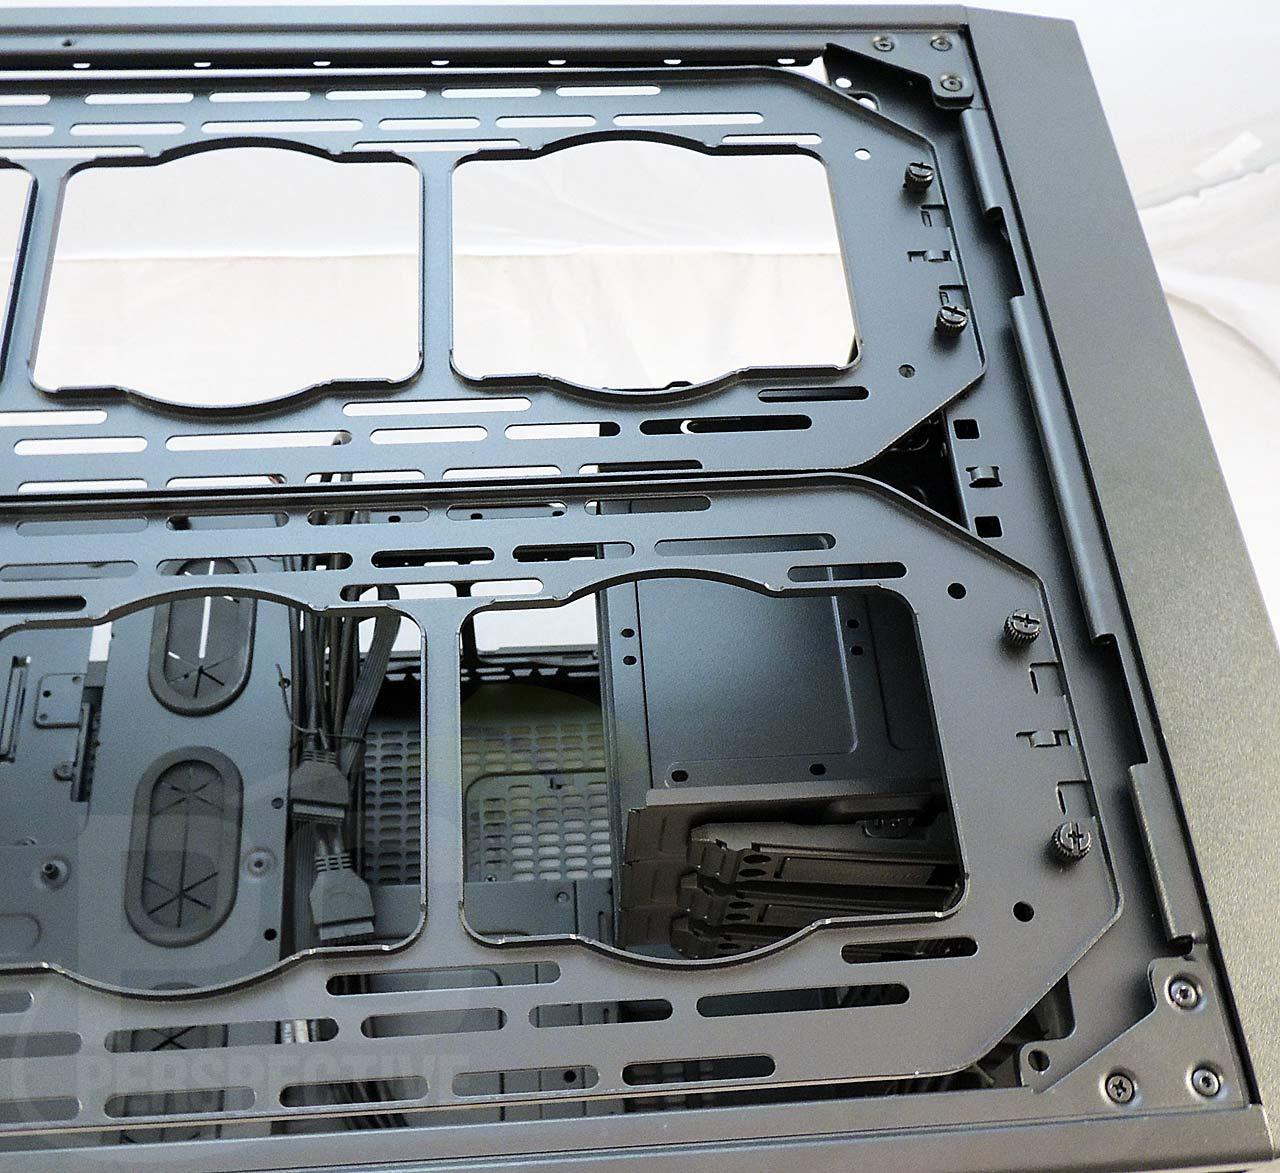 26-case-nopanels-top-closeup-1.jpg